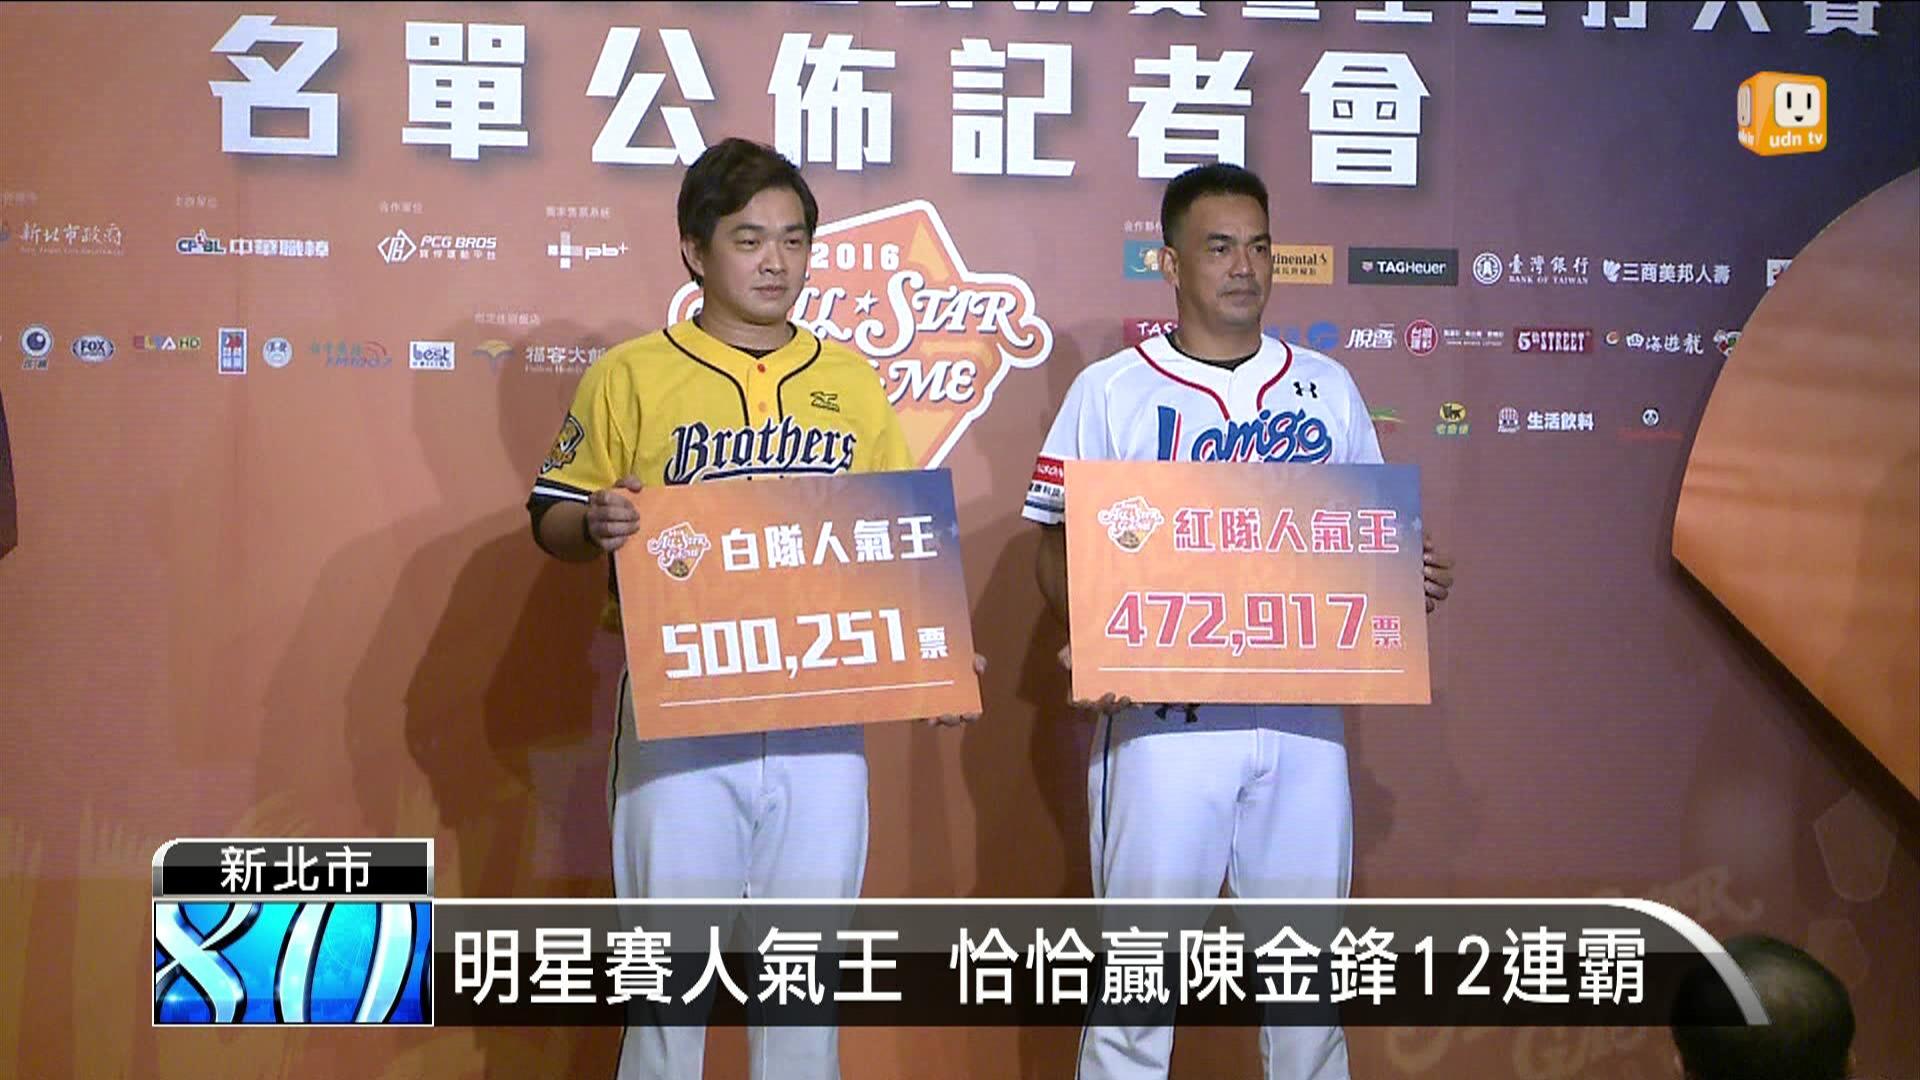 中華職棒明星賽 恰恰蟬聯人氣王